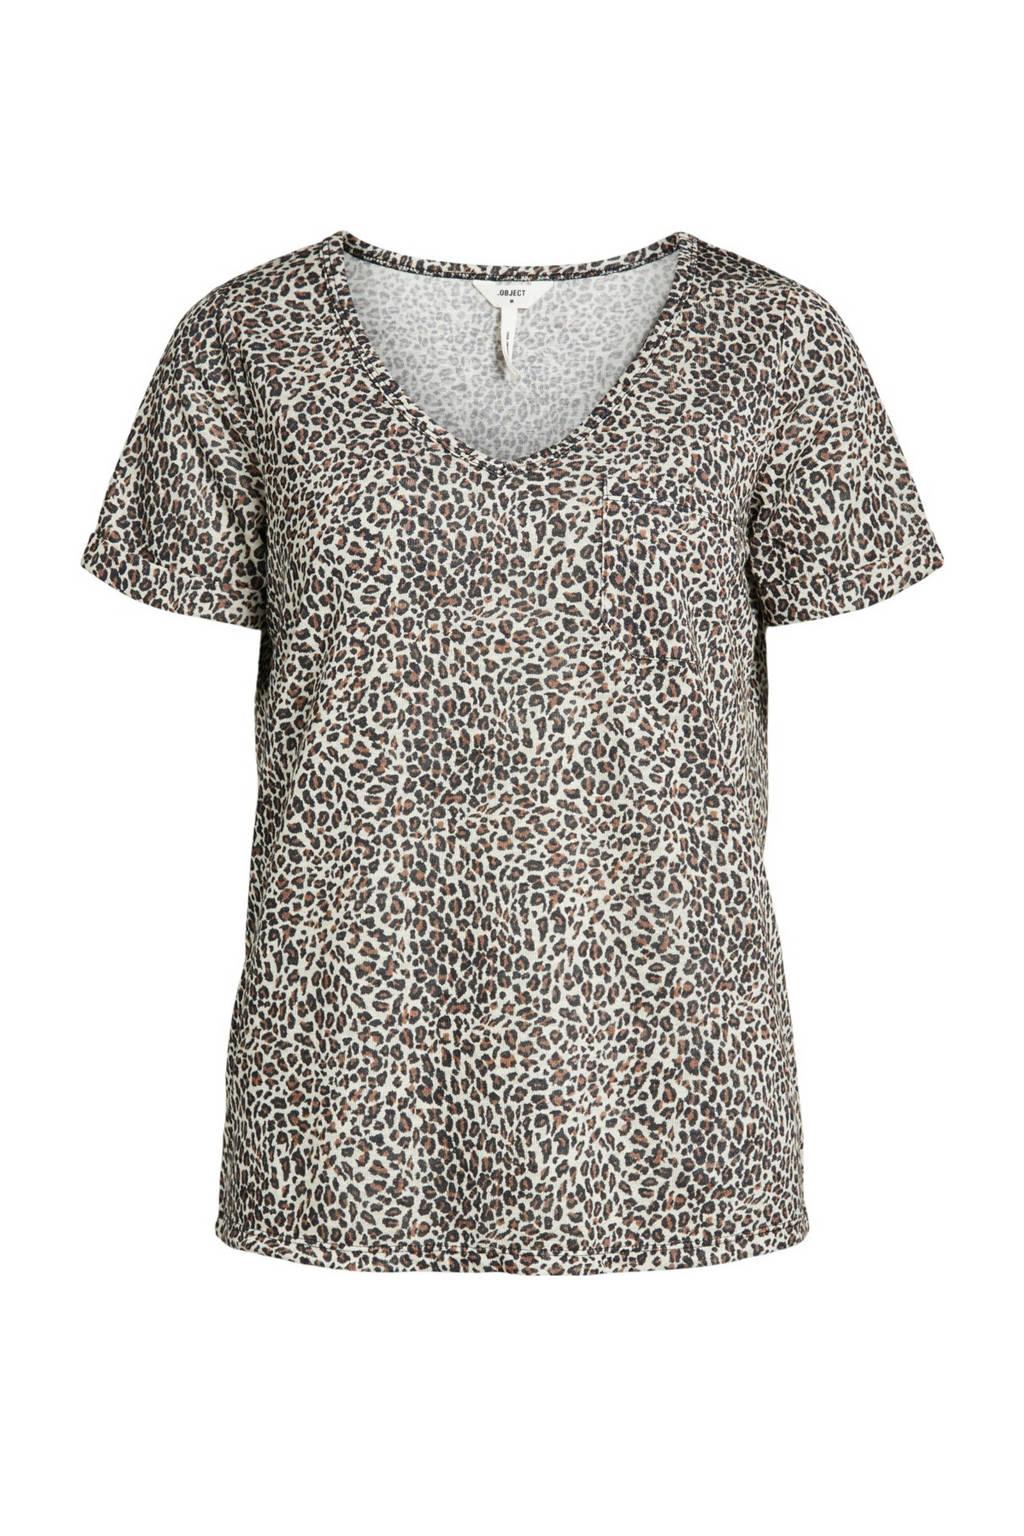 OBJECT gemêleerd T-shirt OBJTESSI ecru/bruin, Ecru/bruin